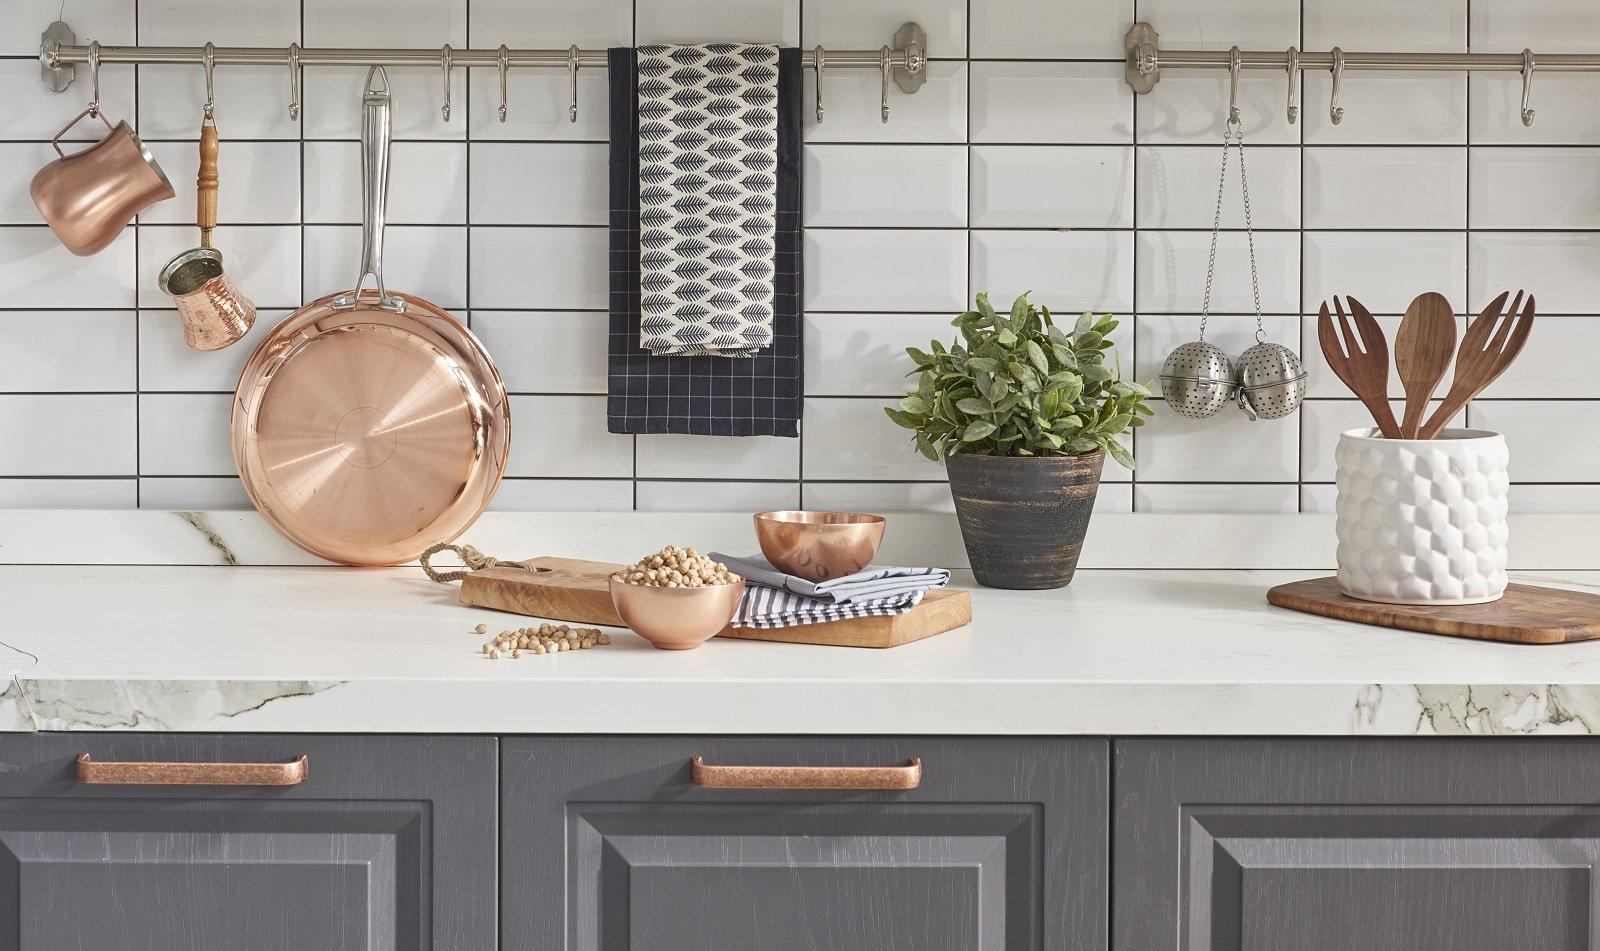 cucina con pentole e ciotole di rame